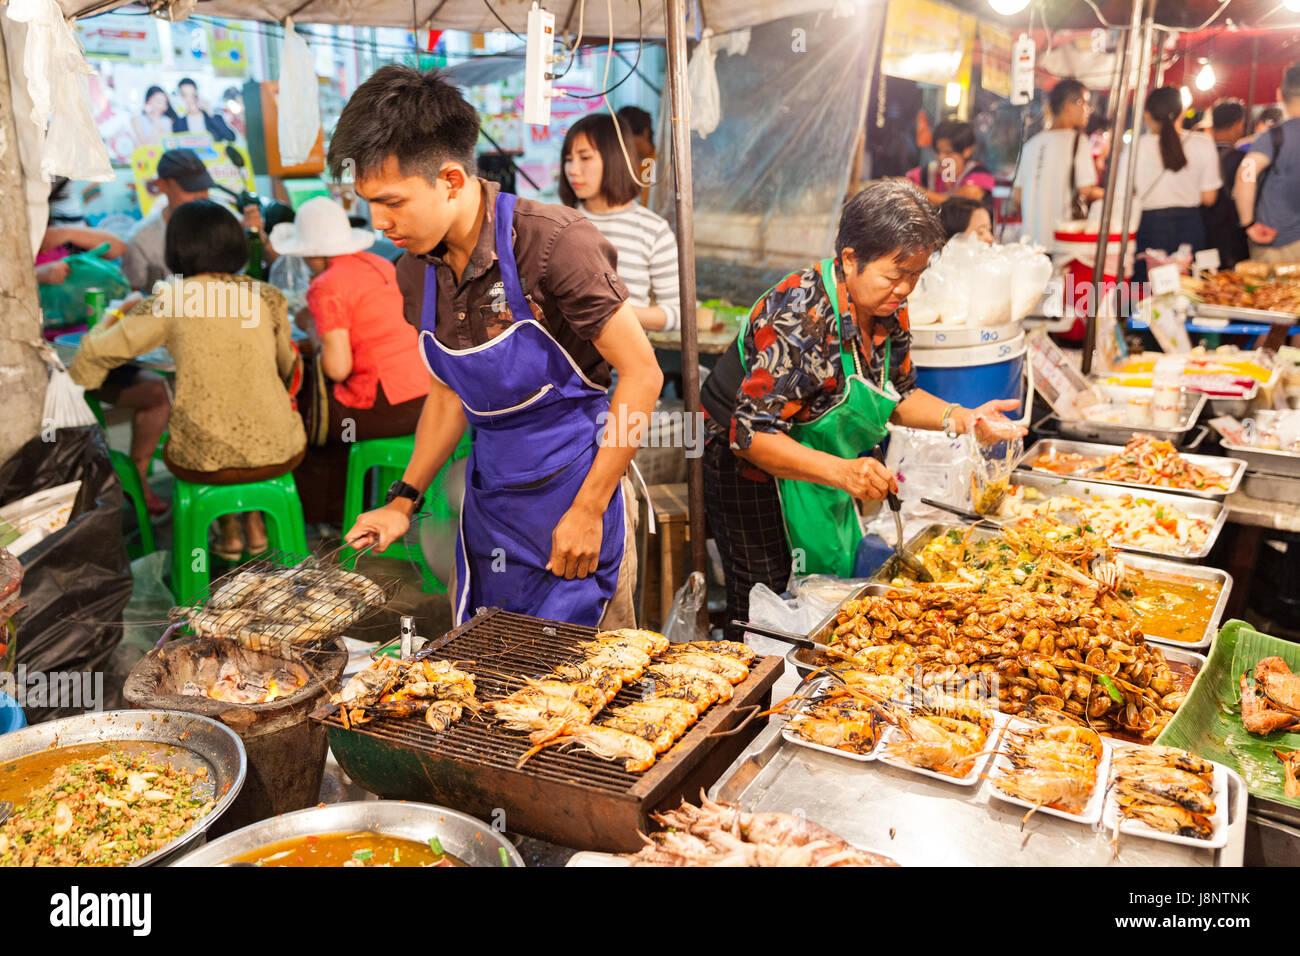 CHIANG MAI, THAILAND - 27 AUGUST: Man kocht Garnelen auf dem Grill am Sonntagsmarkt (Walking Street) am 27. August Stockbild